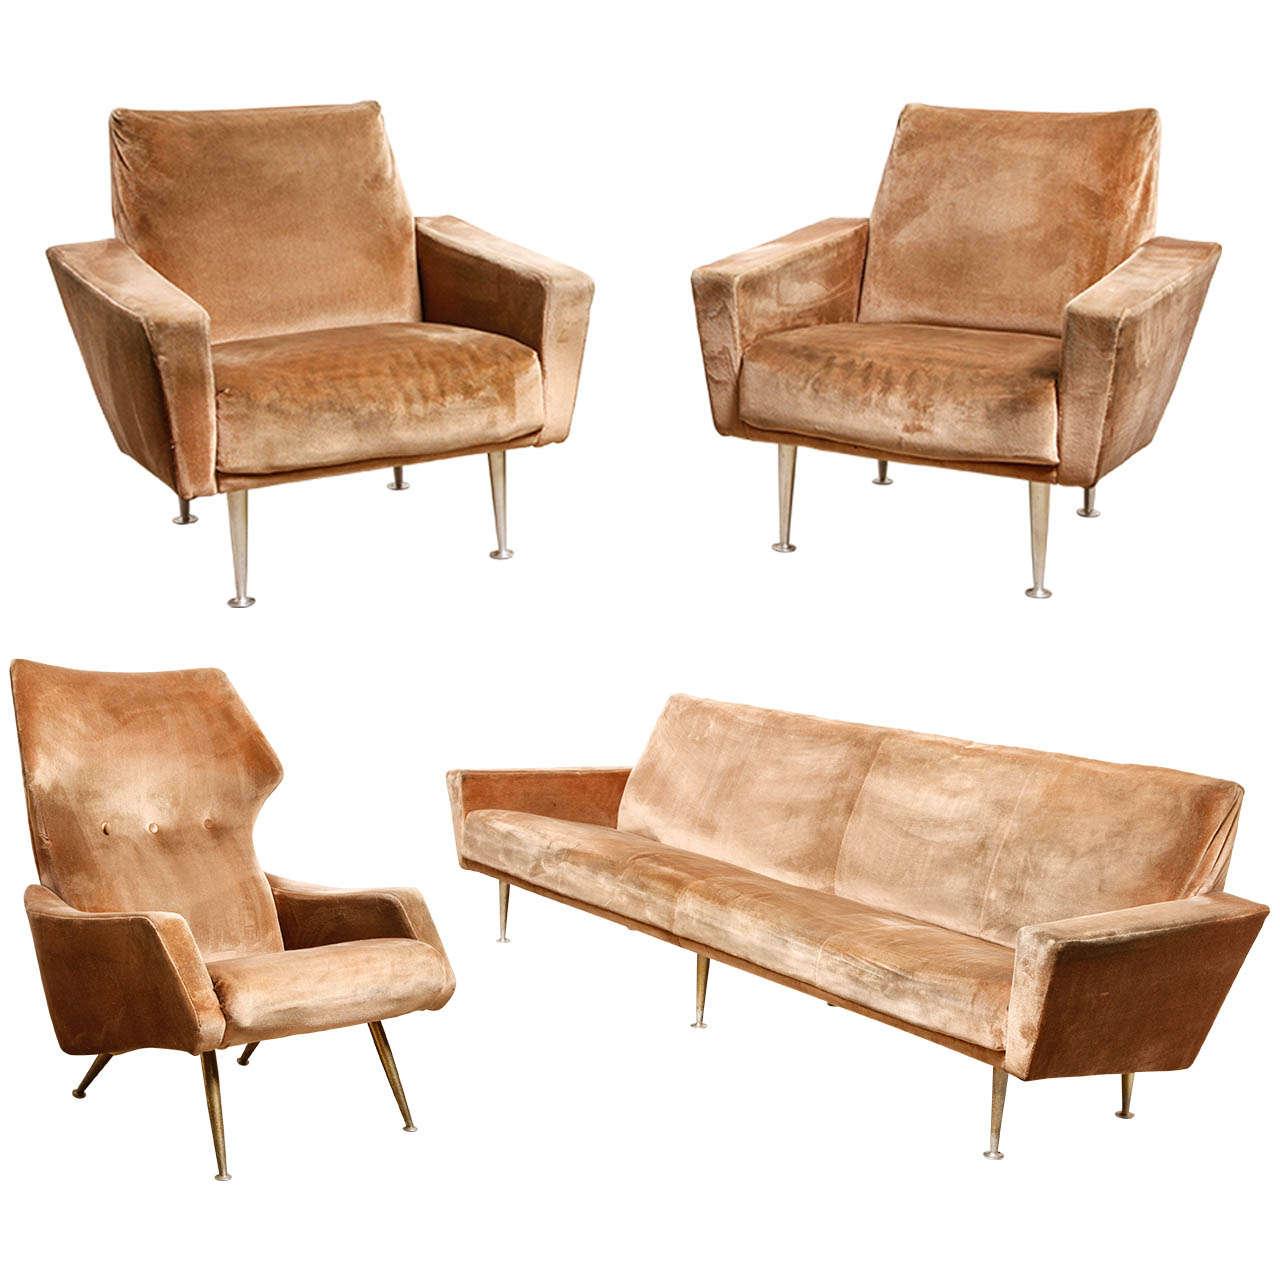 Italian Living Room Furniture Sets: Midcentury Modern Italian Living Room Set At 1stdibs